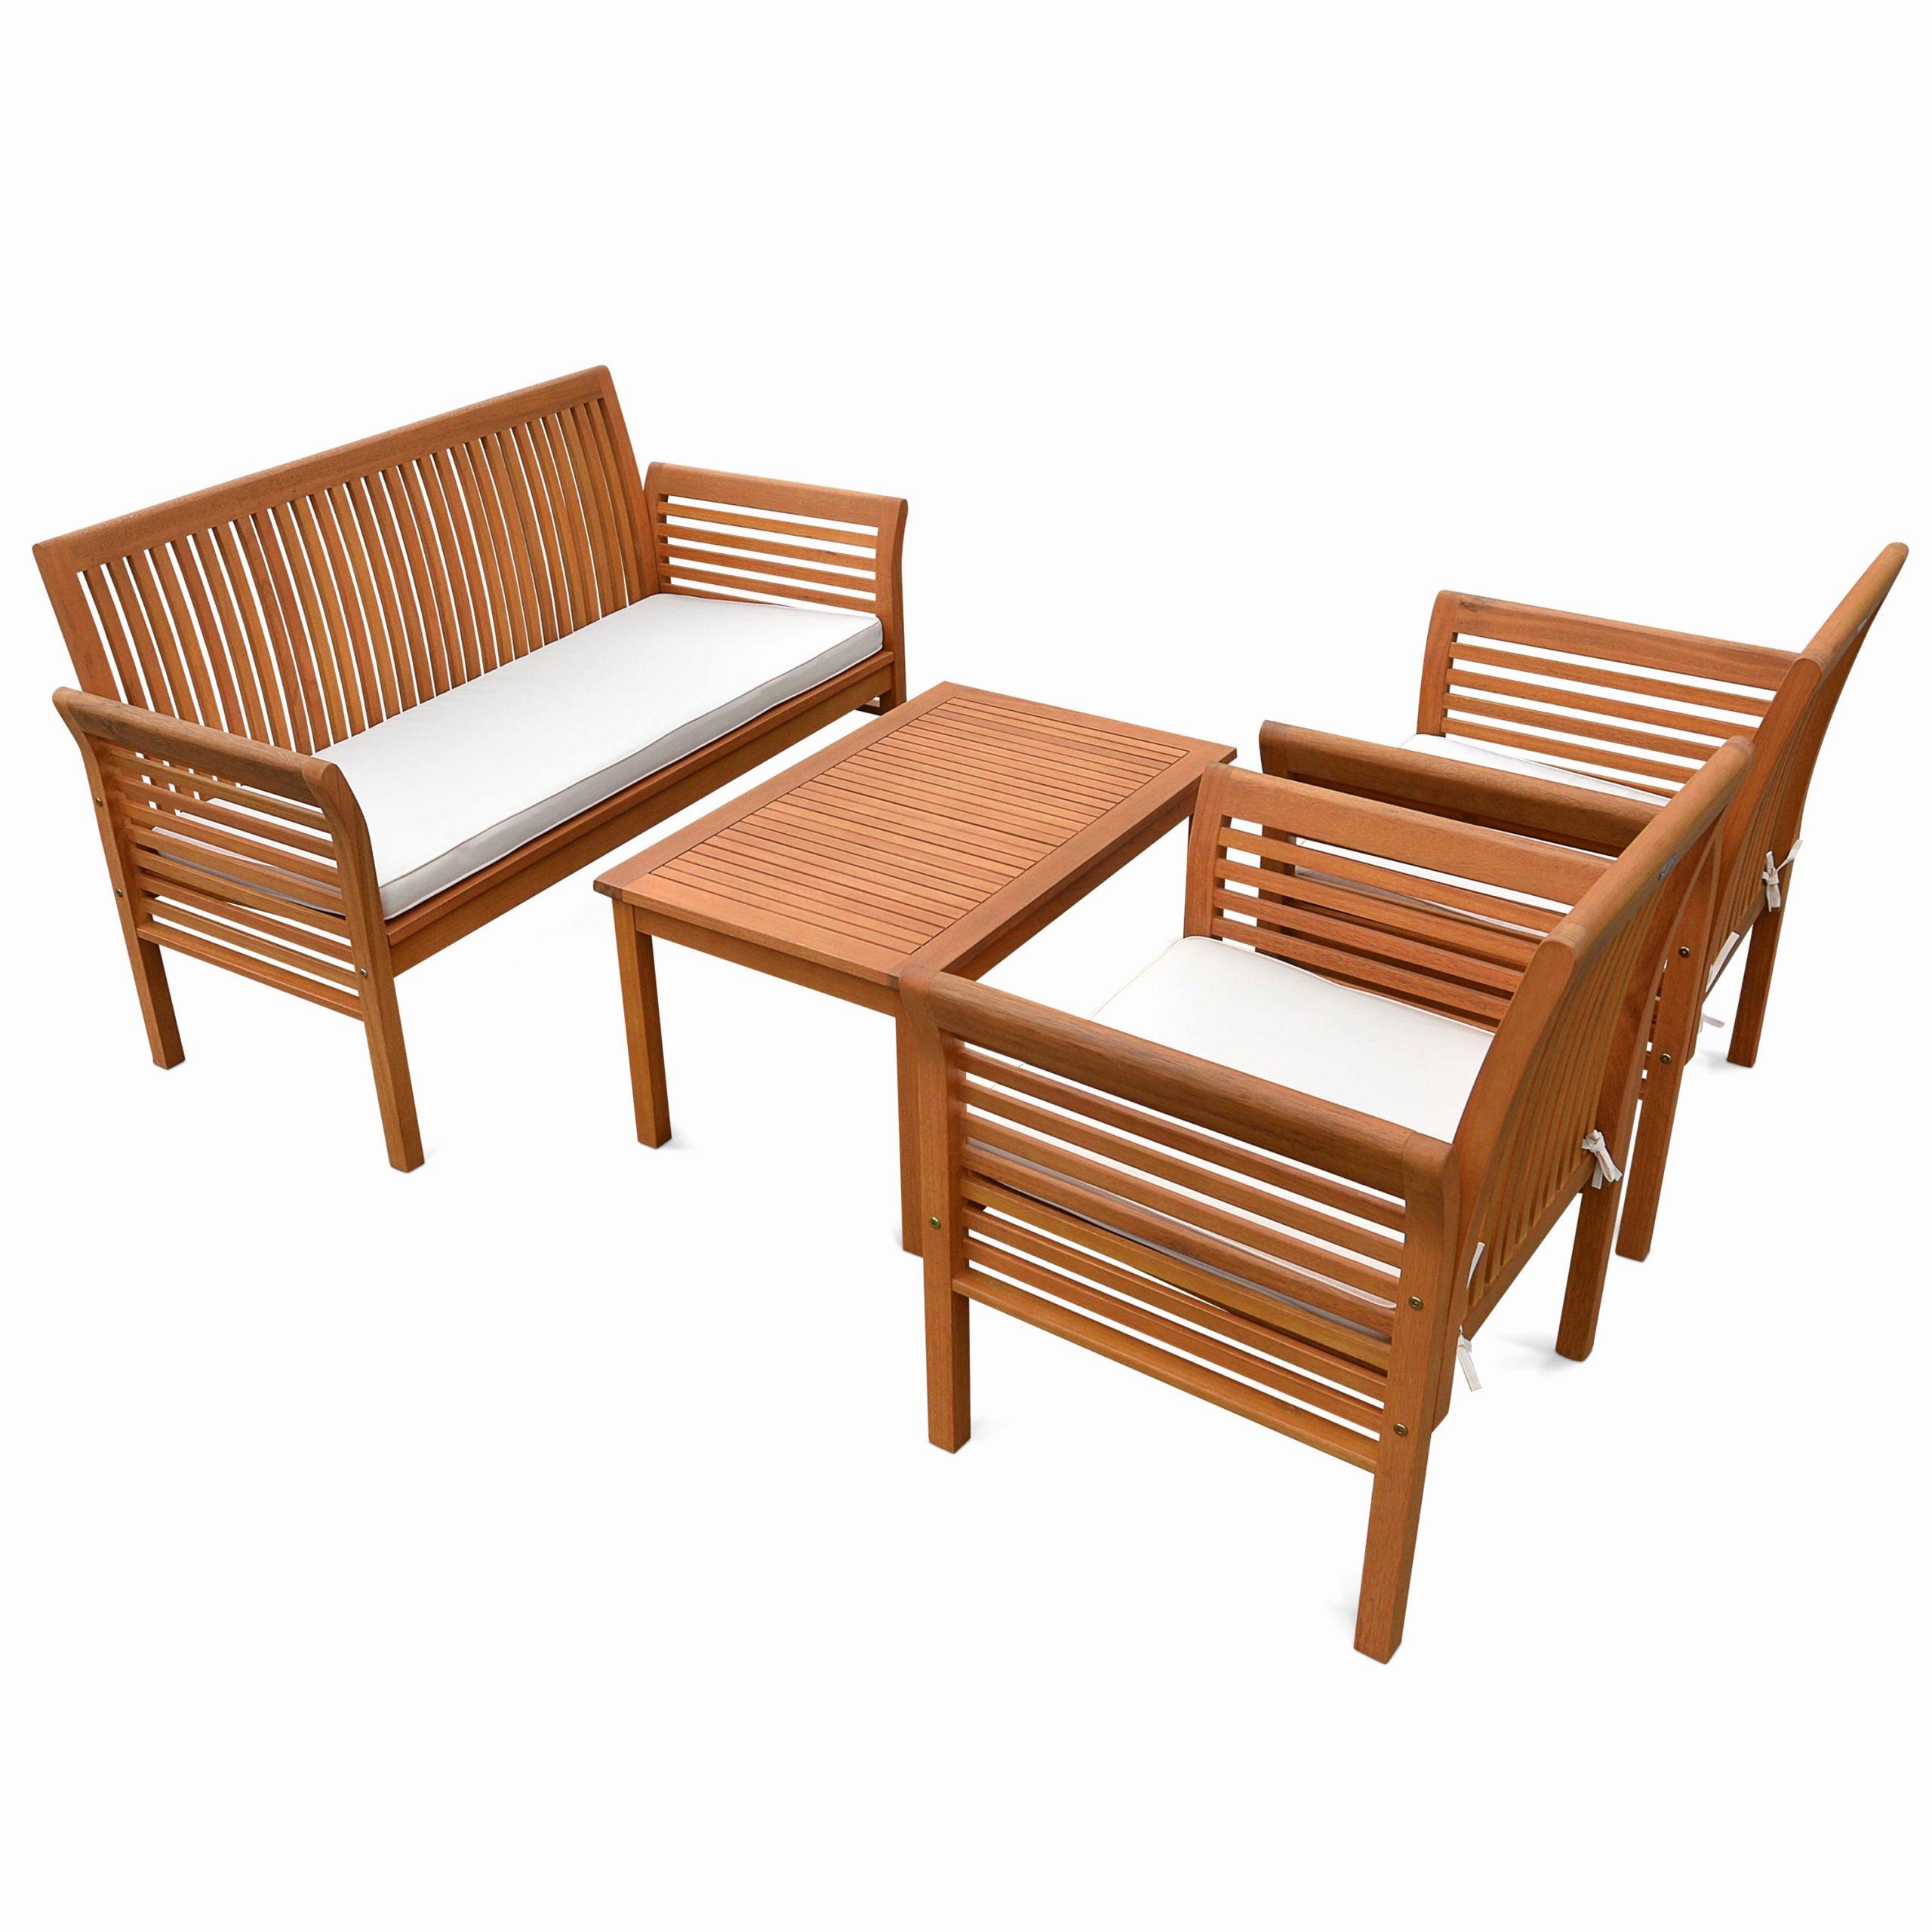 Pied De Table Reglable Mr Bricolage Source D'inspiration ... encequiconcerne Salon De Jardin Mr Bricolage